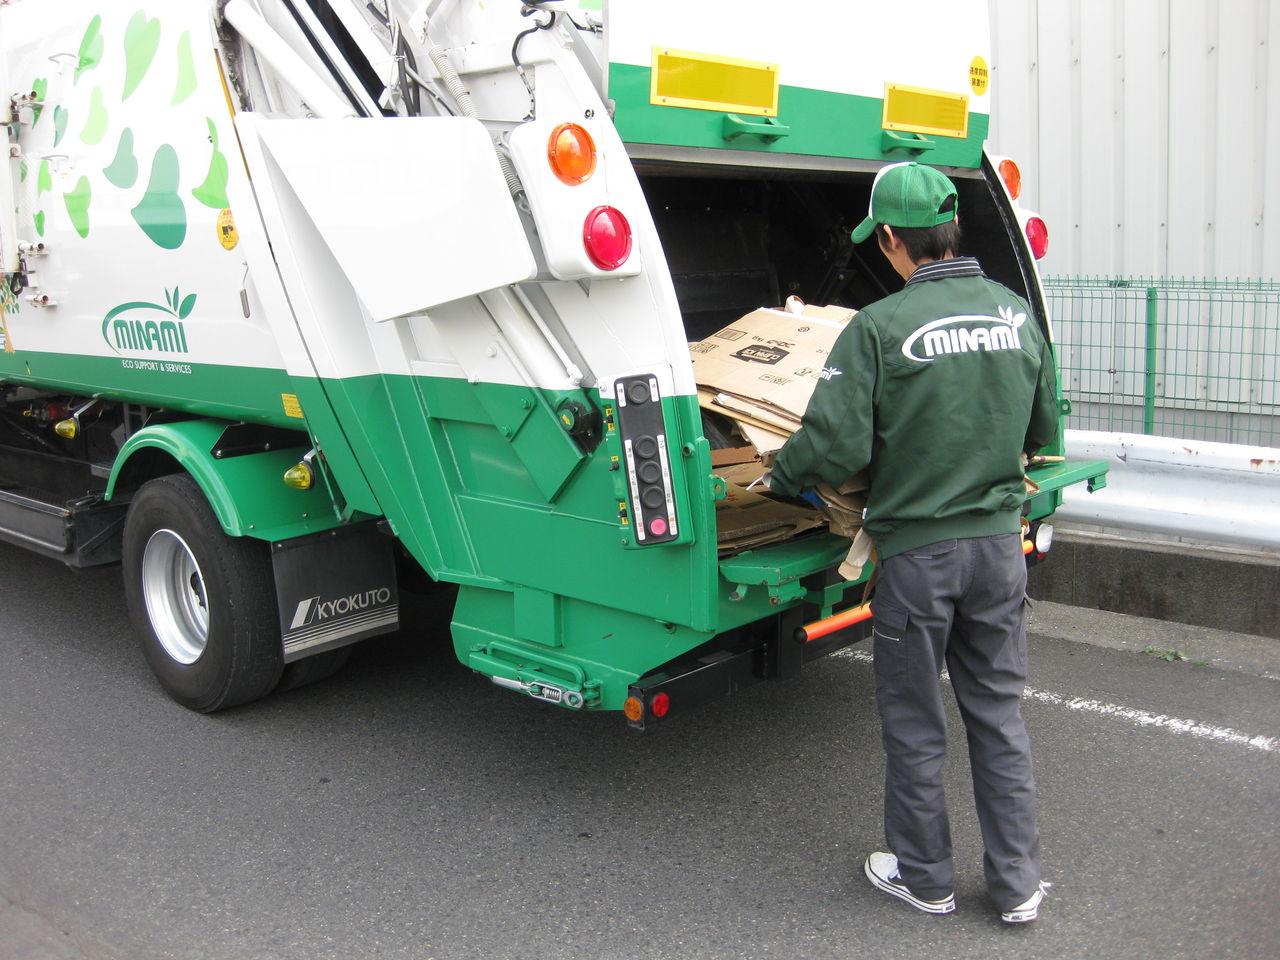 バイト ゴミ 収集 【(株)札幌ダイカンサービス】ゴミ収集補助スタッフのアルバイト・バイトの求人情報